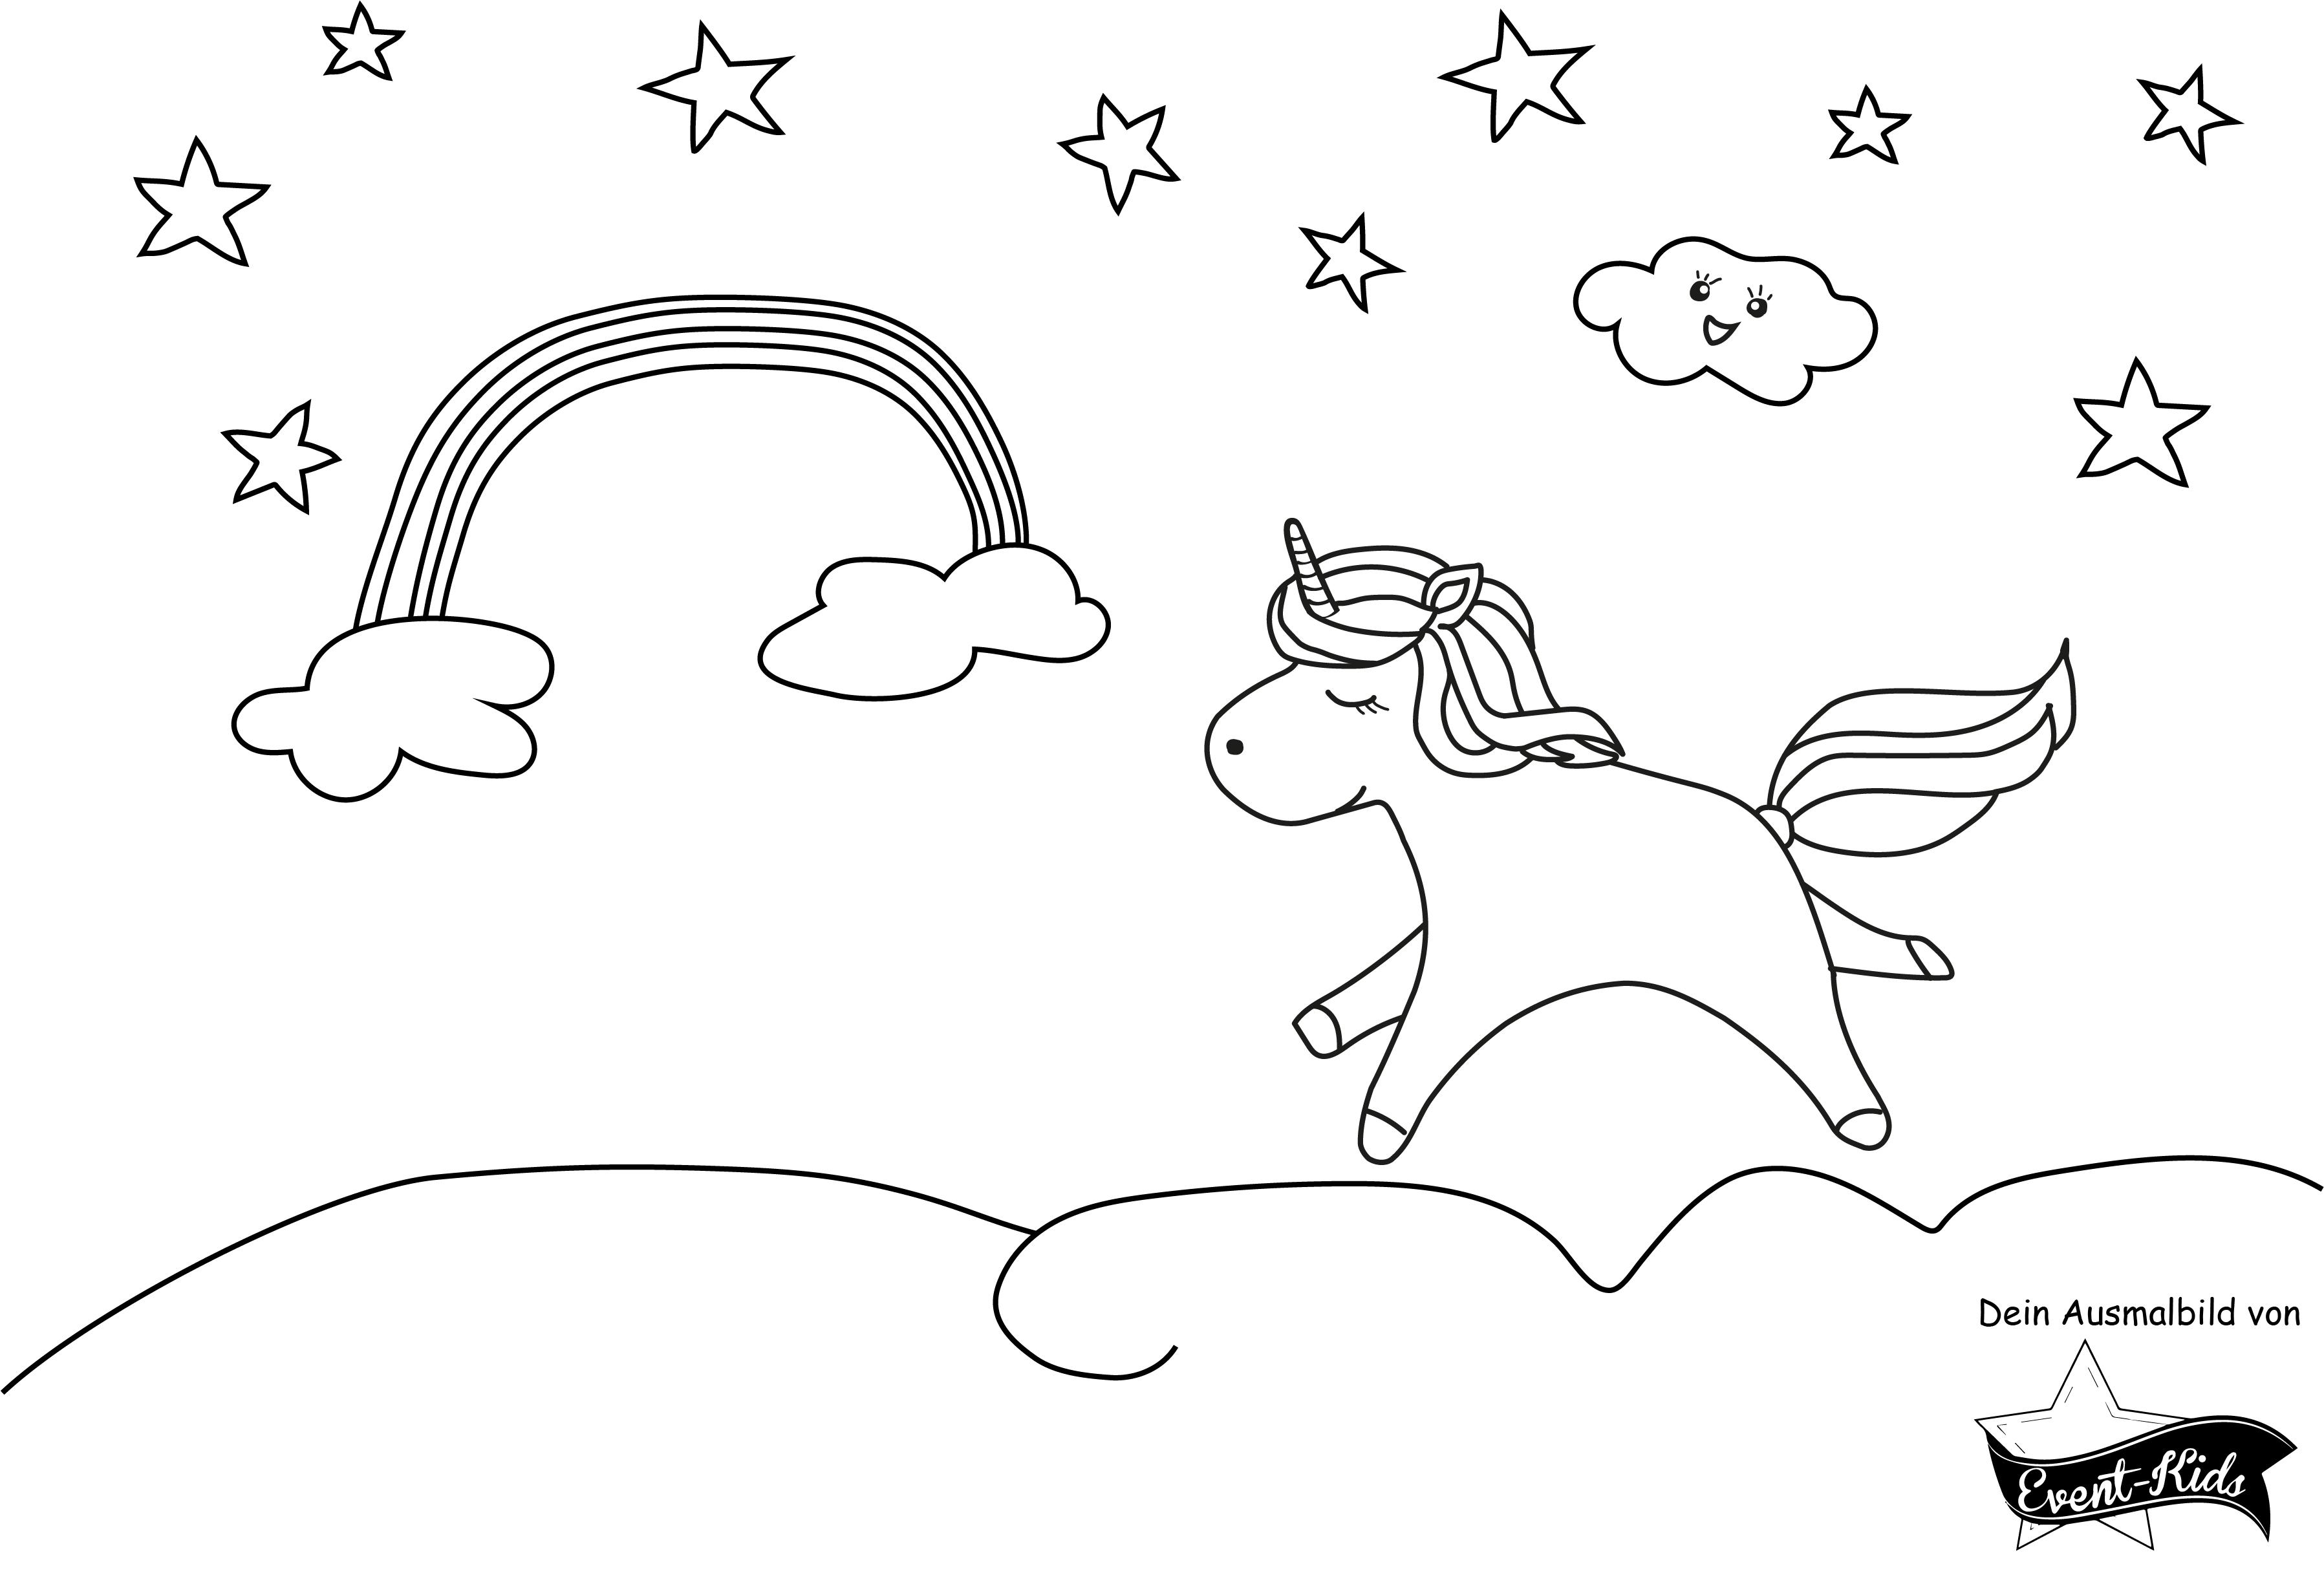 Printables von Event-Kids für Kindergeburtstag und Mottoparty